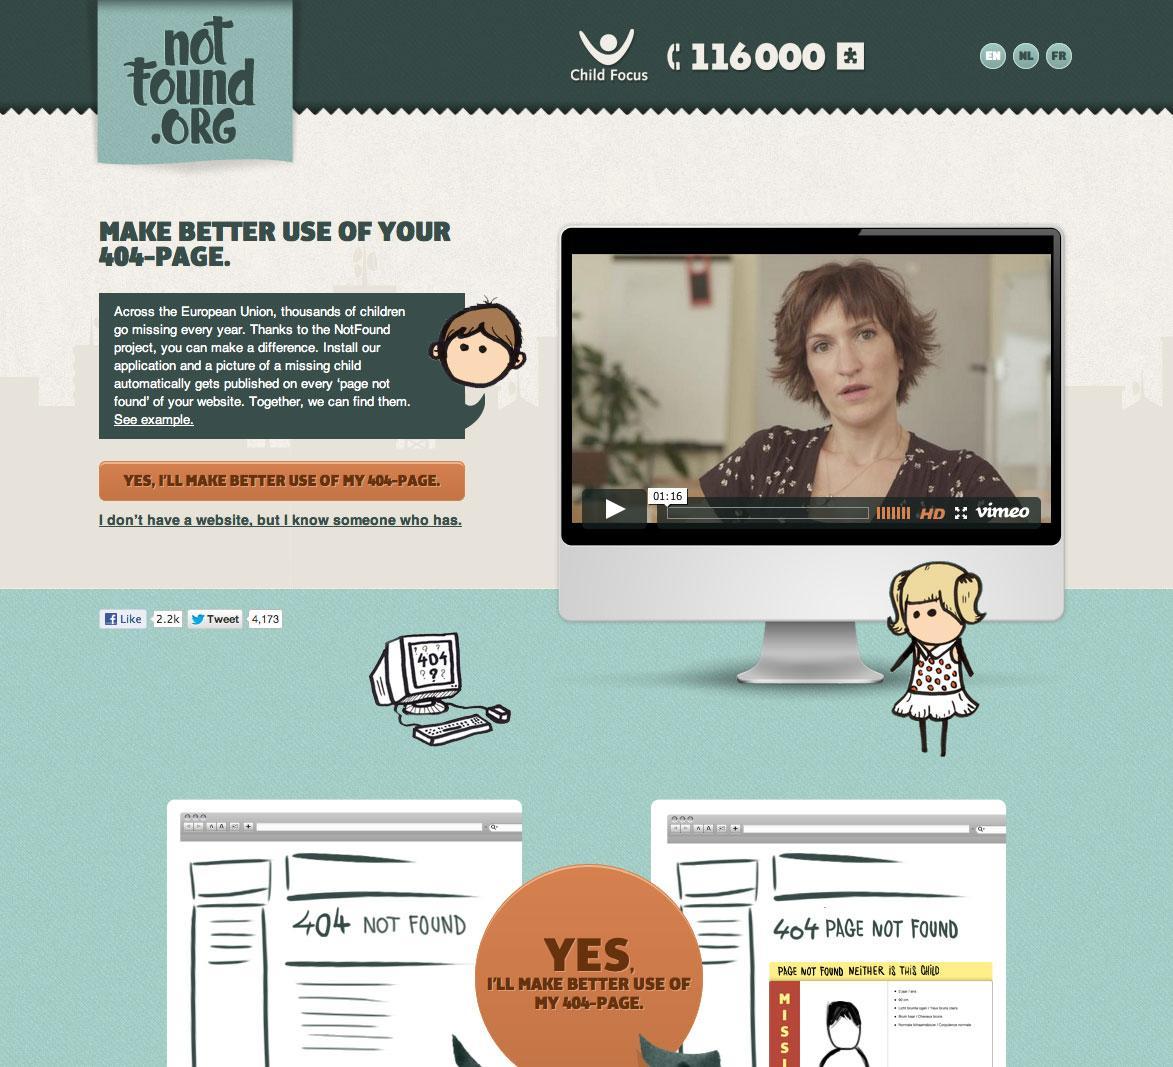 Missing Children Digital Ad -  Notfound.org